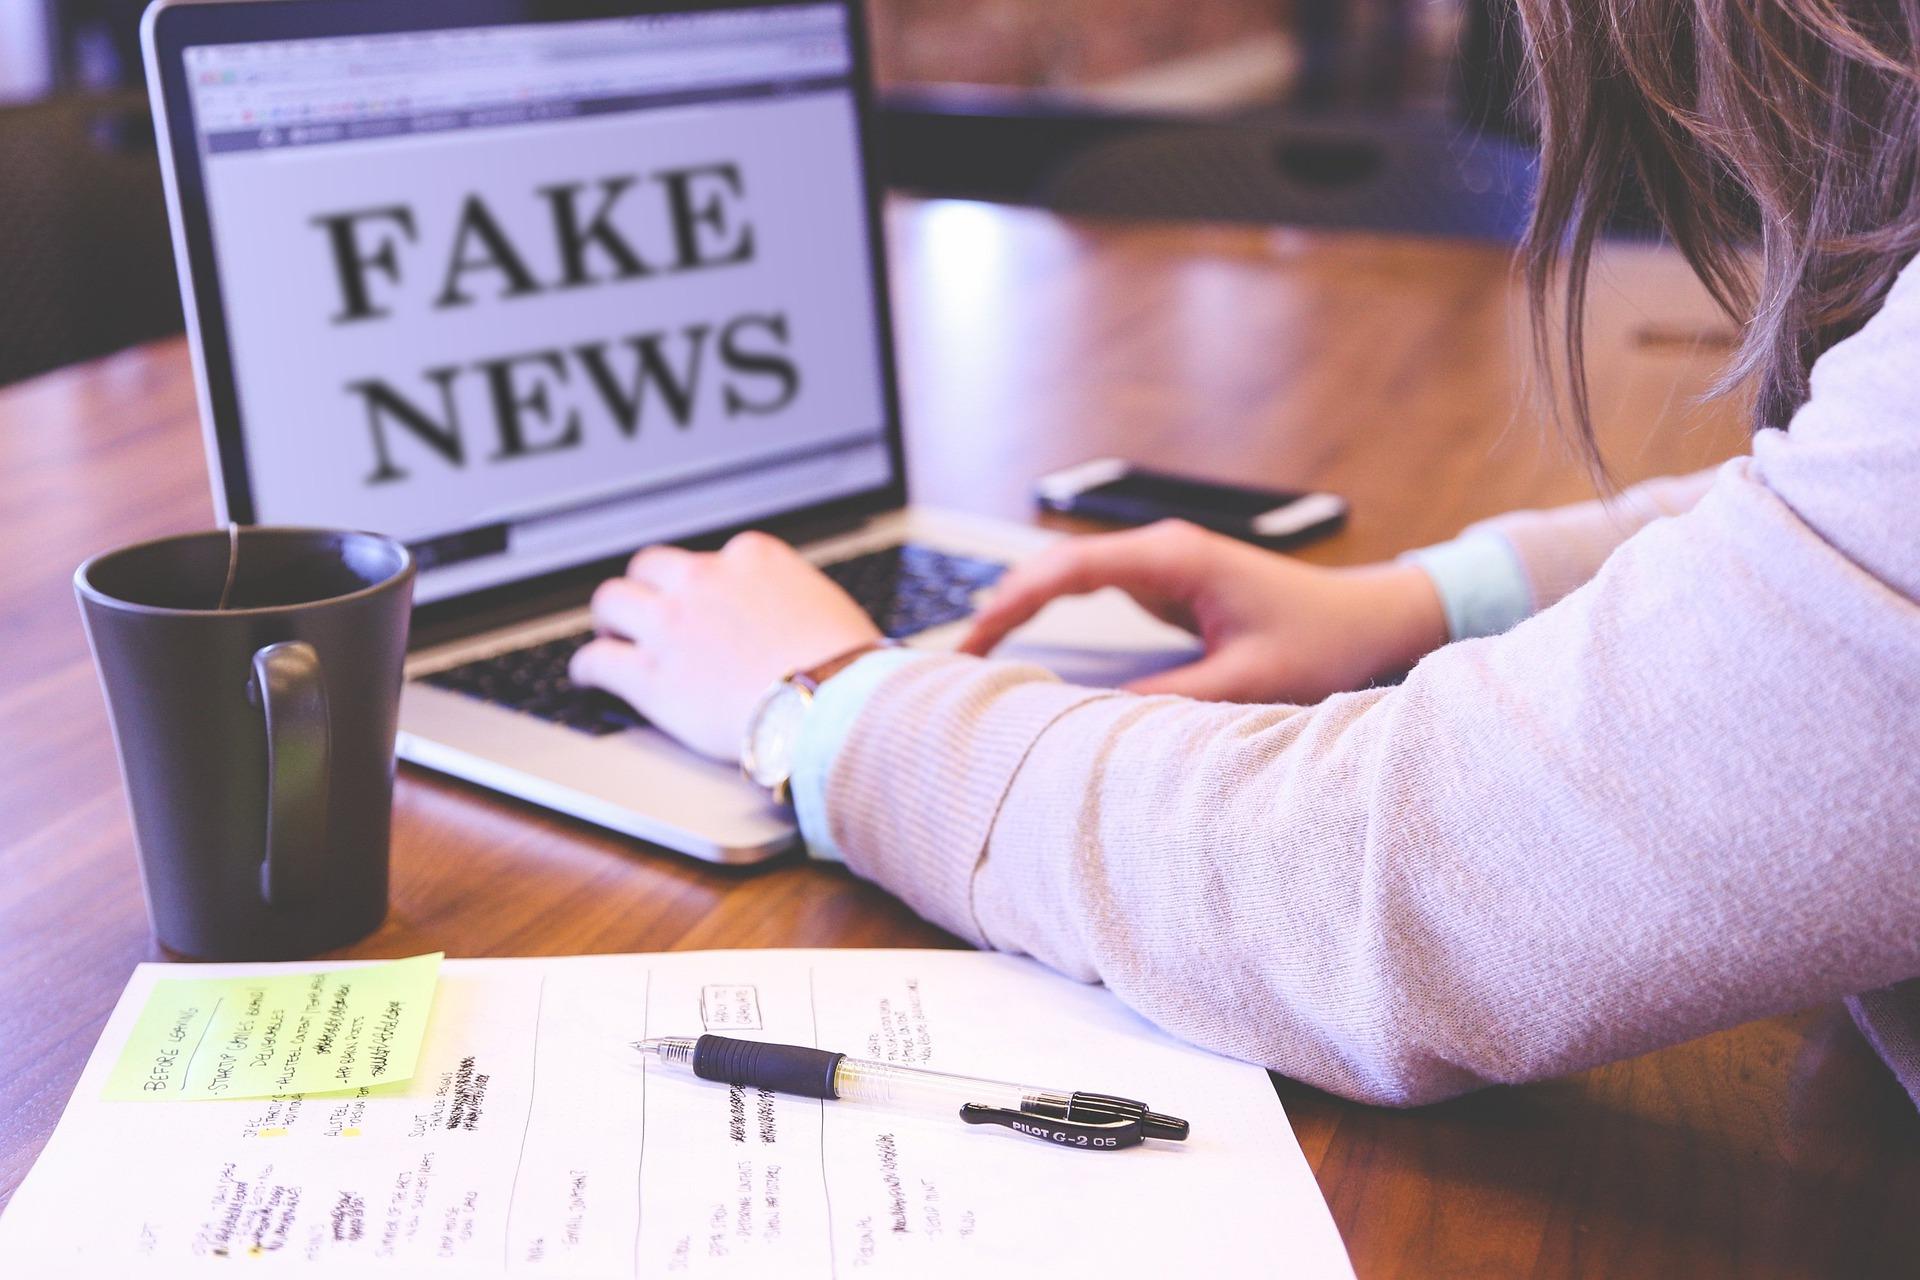 25 činjenica o medijskim manipulacijama tokom 2020. godine